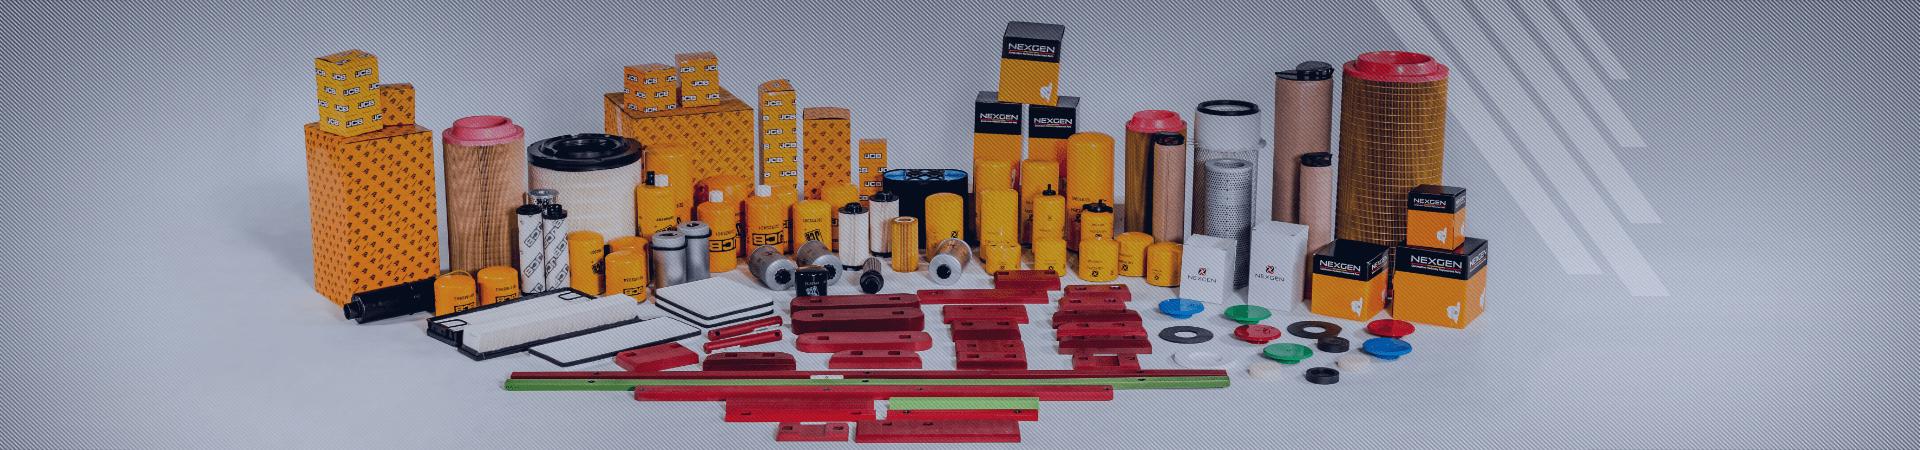 Filters / slides